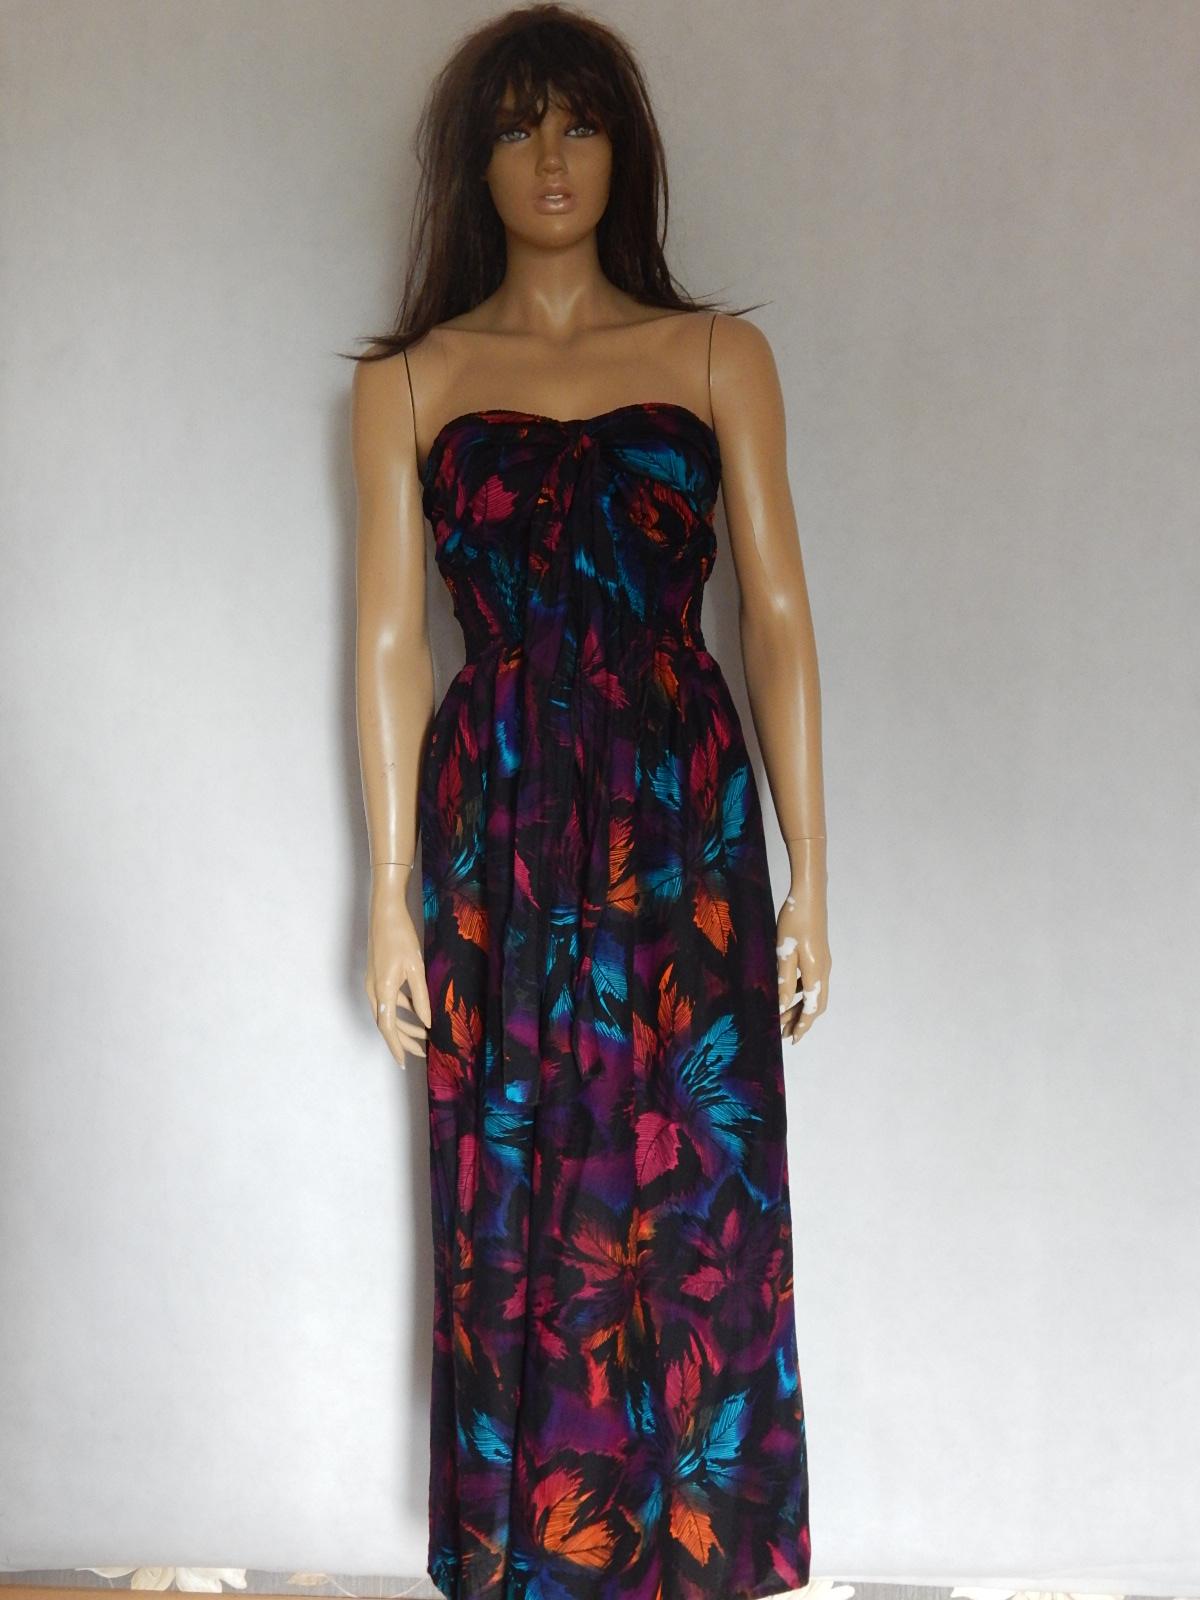 0d1a73af0b GEORGE długa letnia plażowa sukienka kolory 44 - 7422796573 ...